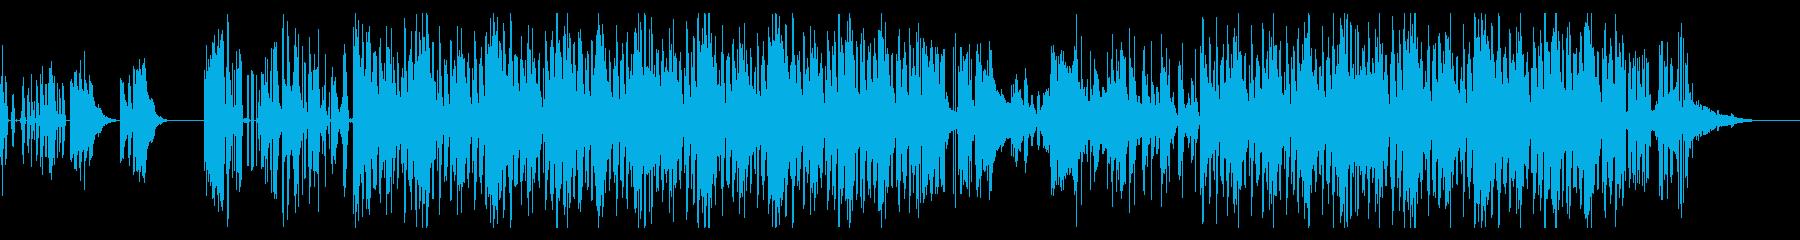 ローファイなヒップホップビートの再生済みの波形